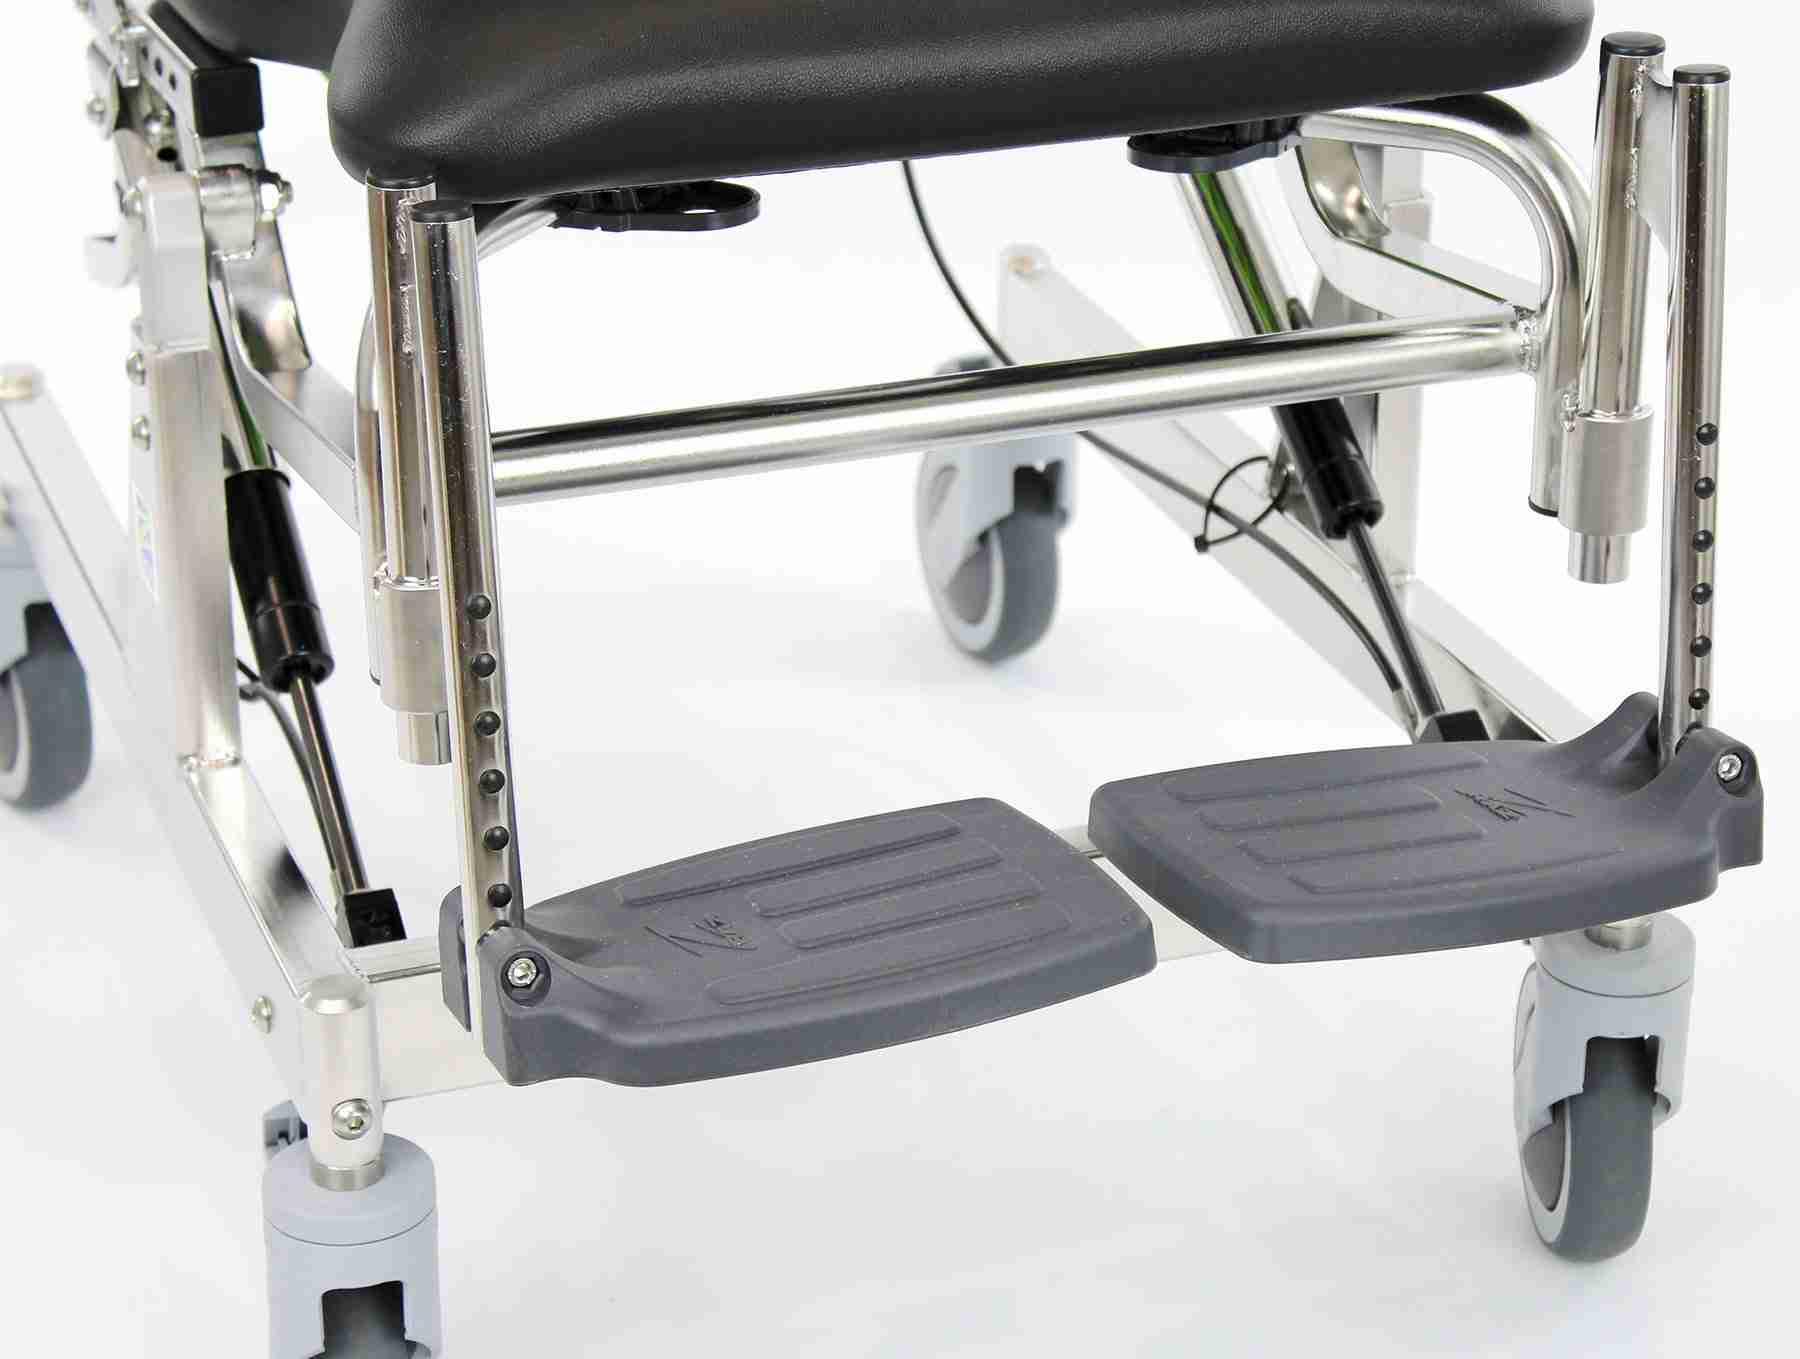 MFX-8 Footrests